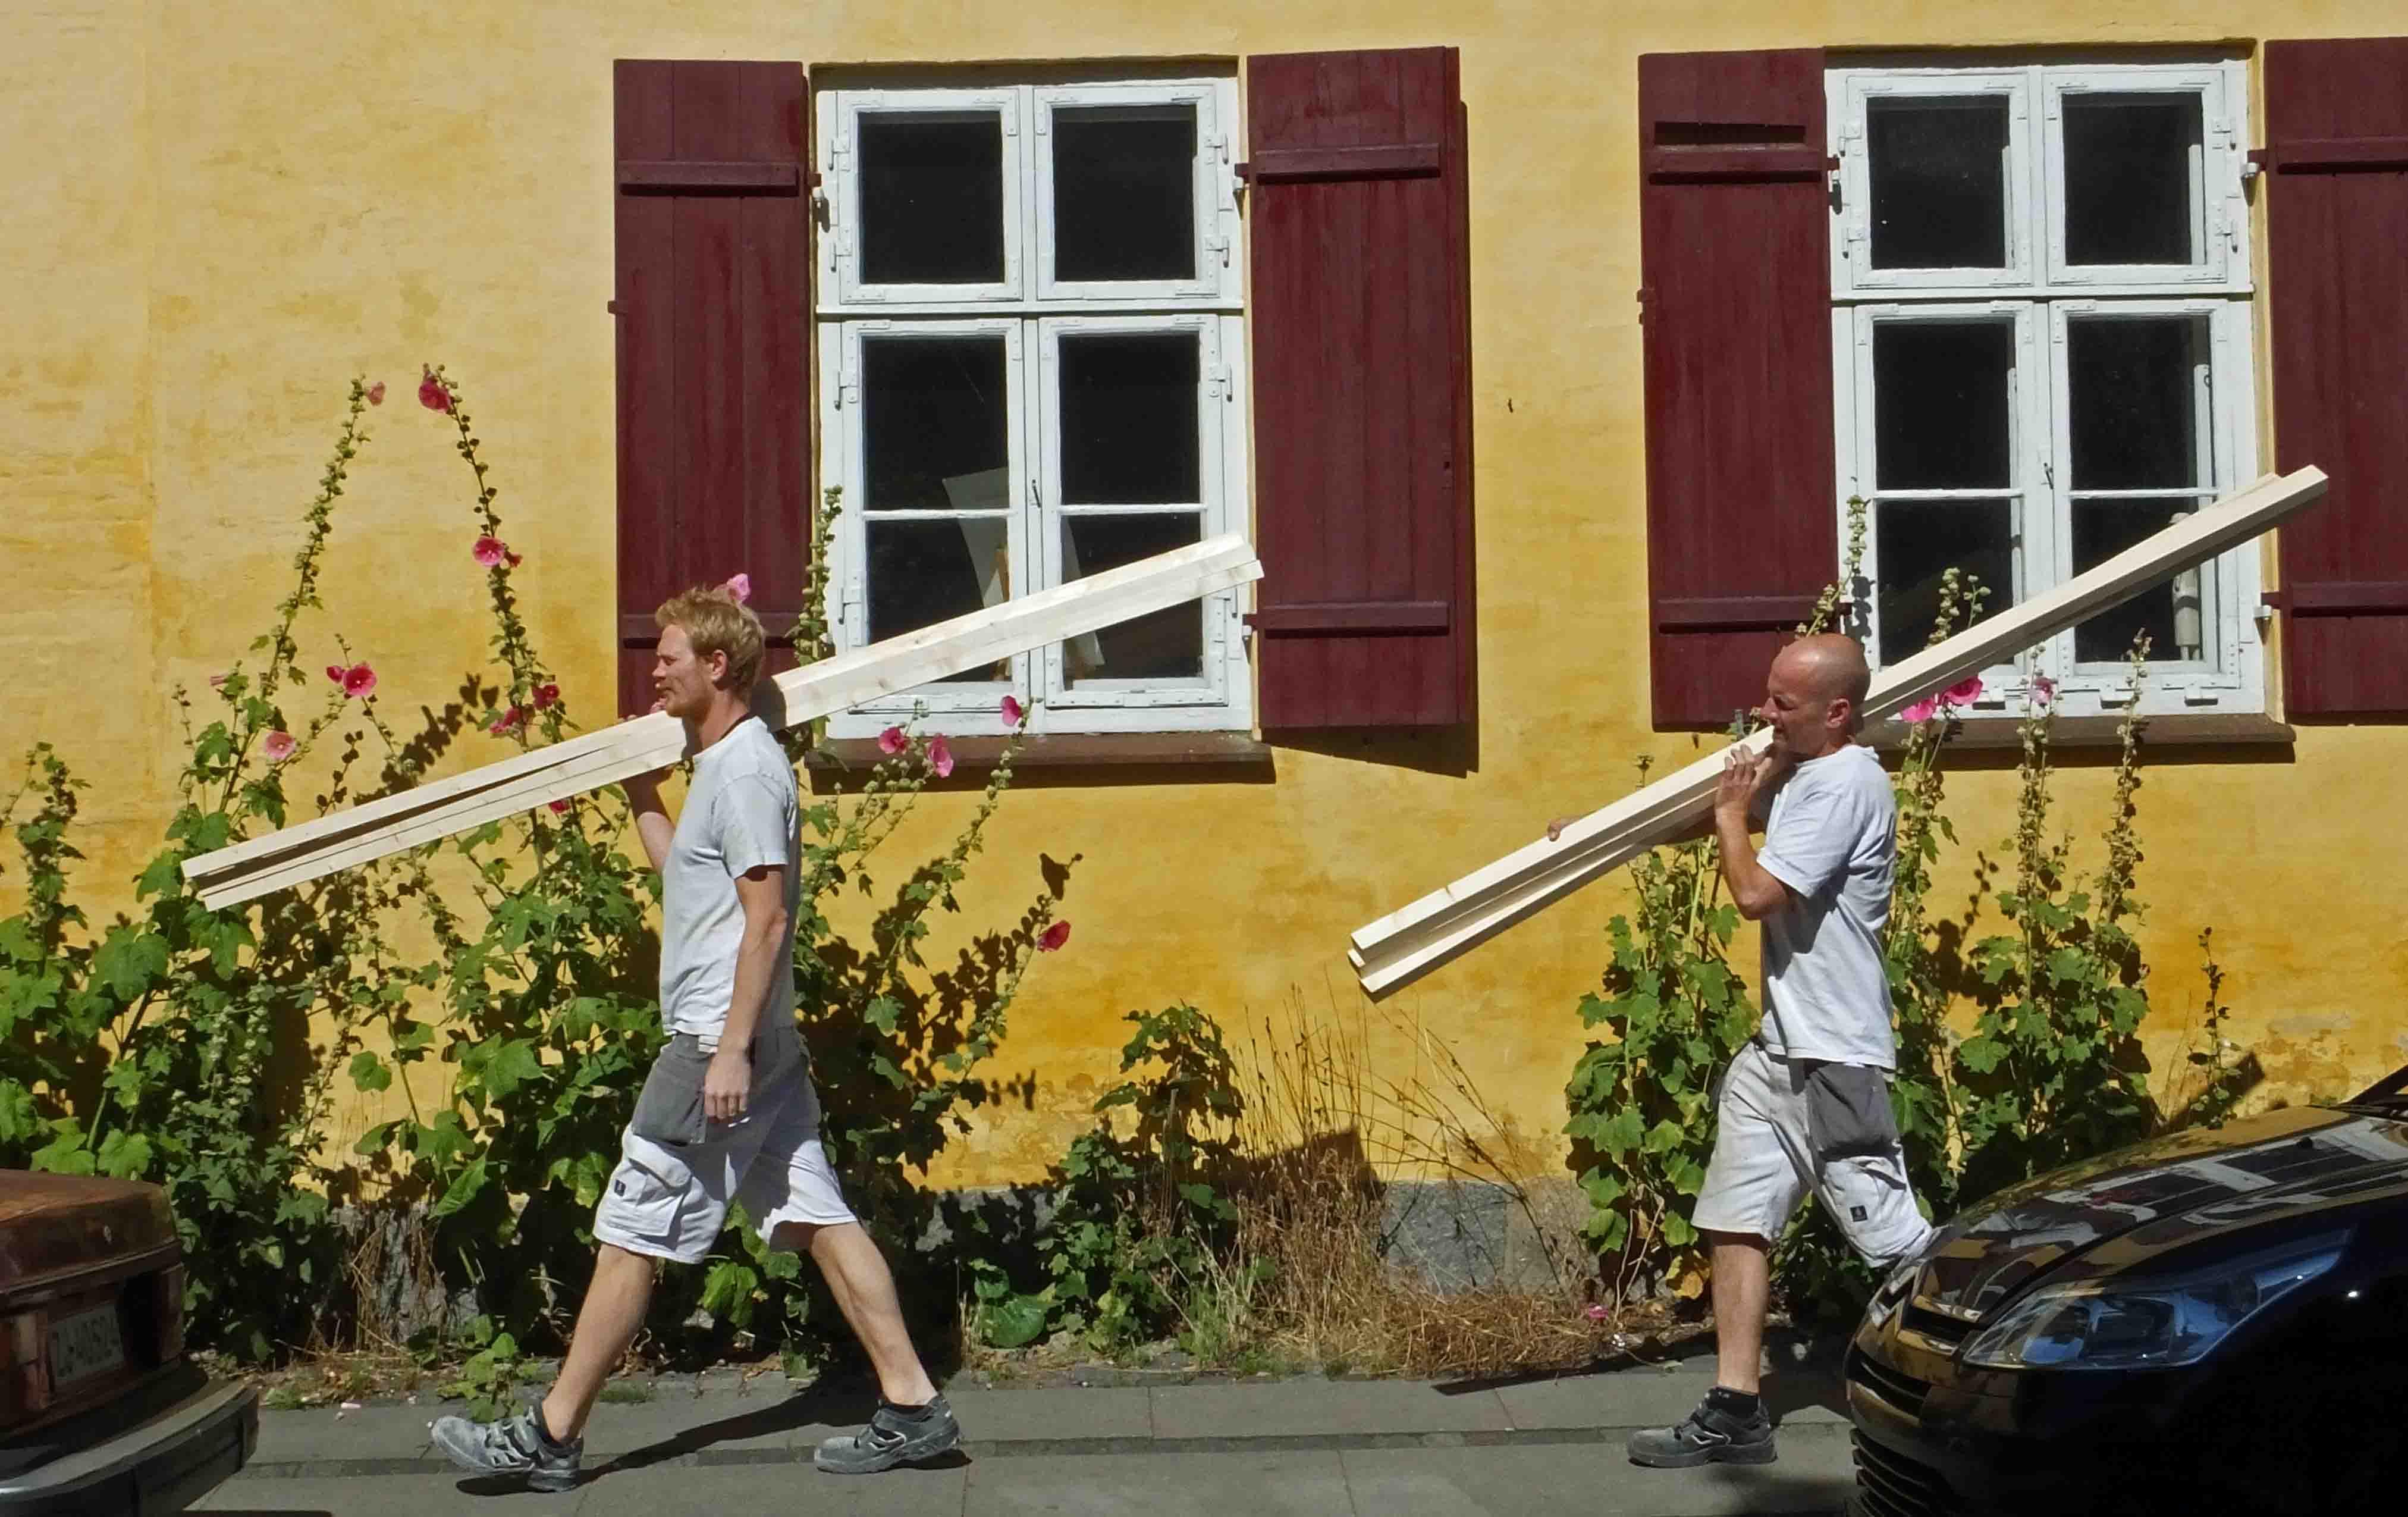 Tidspress större arbetsmiljöproblem i Norden än i resten av Europa